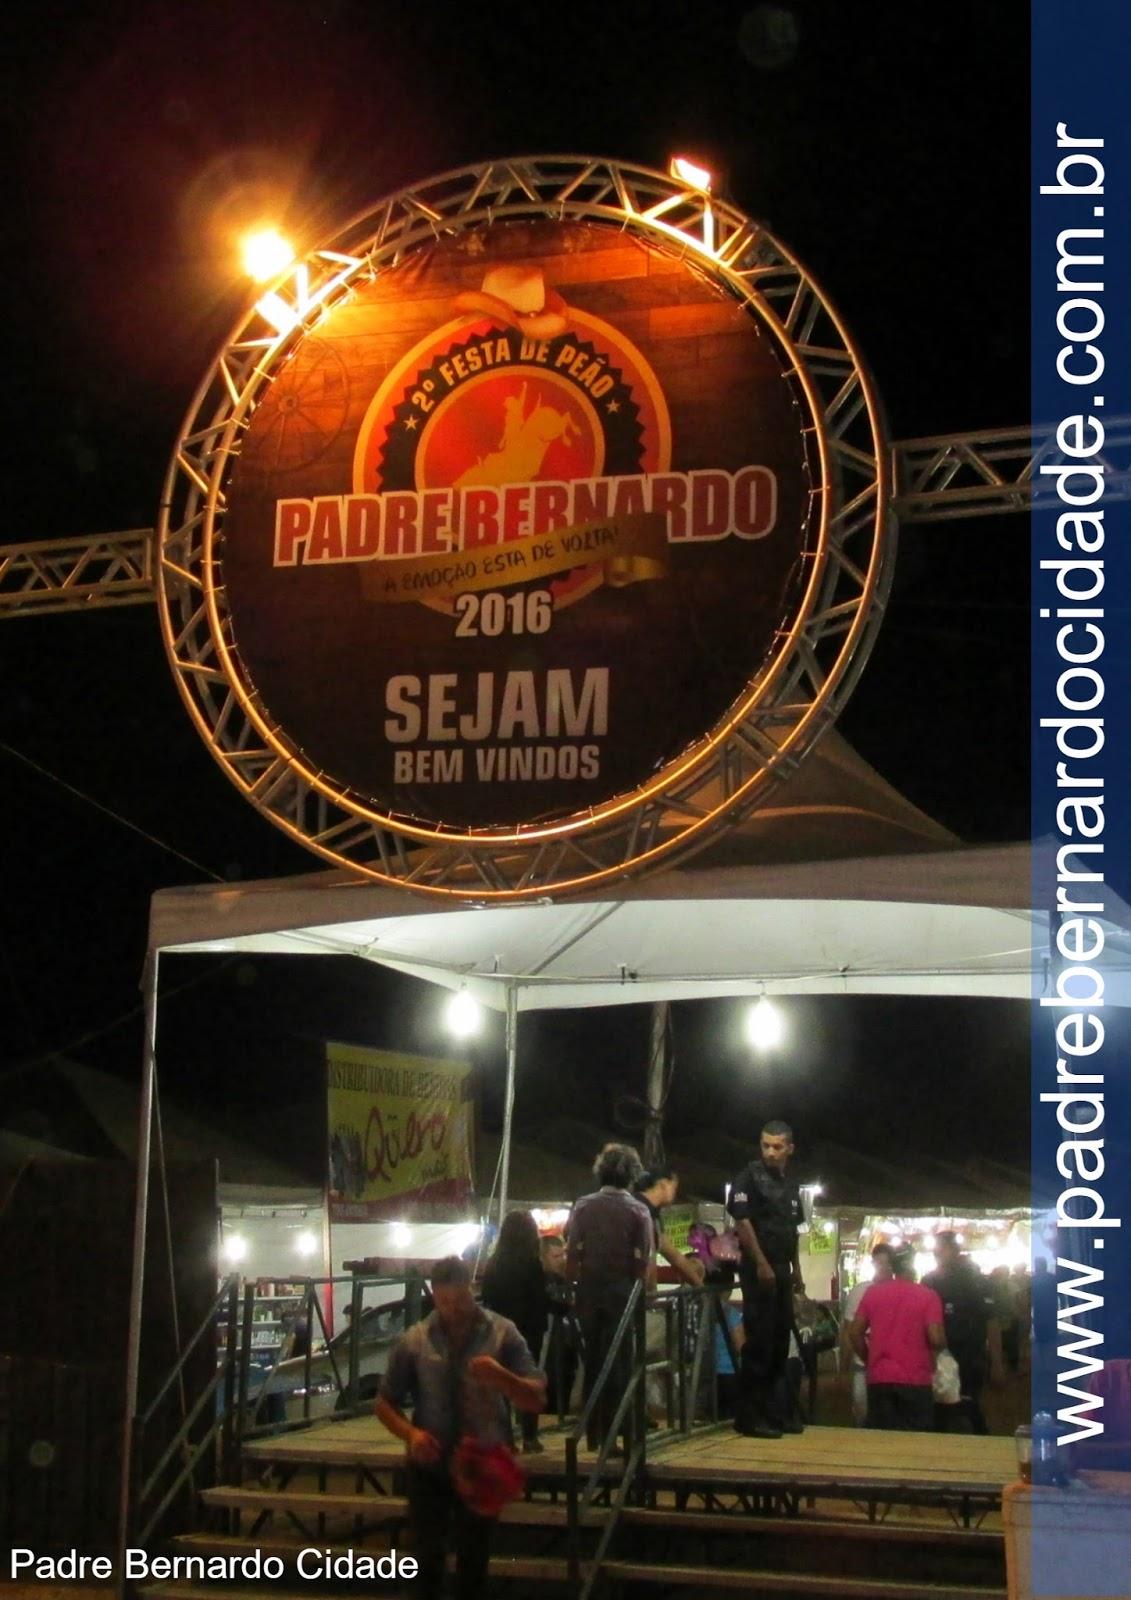 rodeio, goias, turismo, rodeio show, Padre Bernardo, Cidade de goias, festa do peão,cowboy,cowboys, peão de rodeio